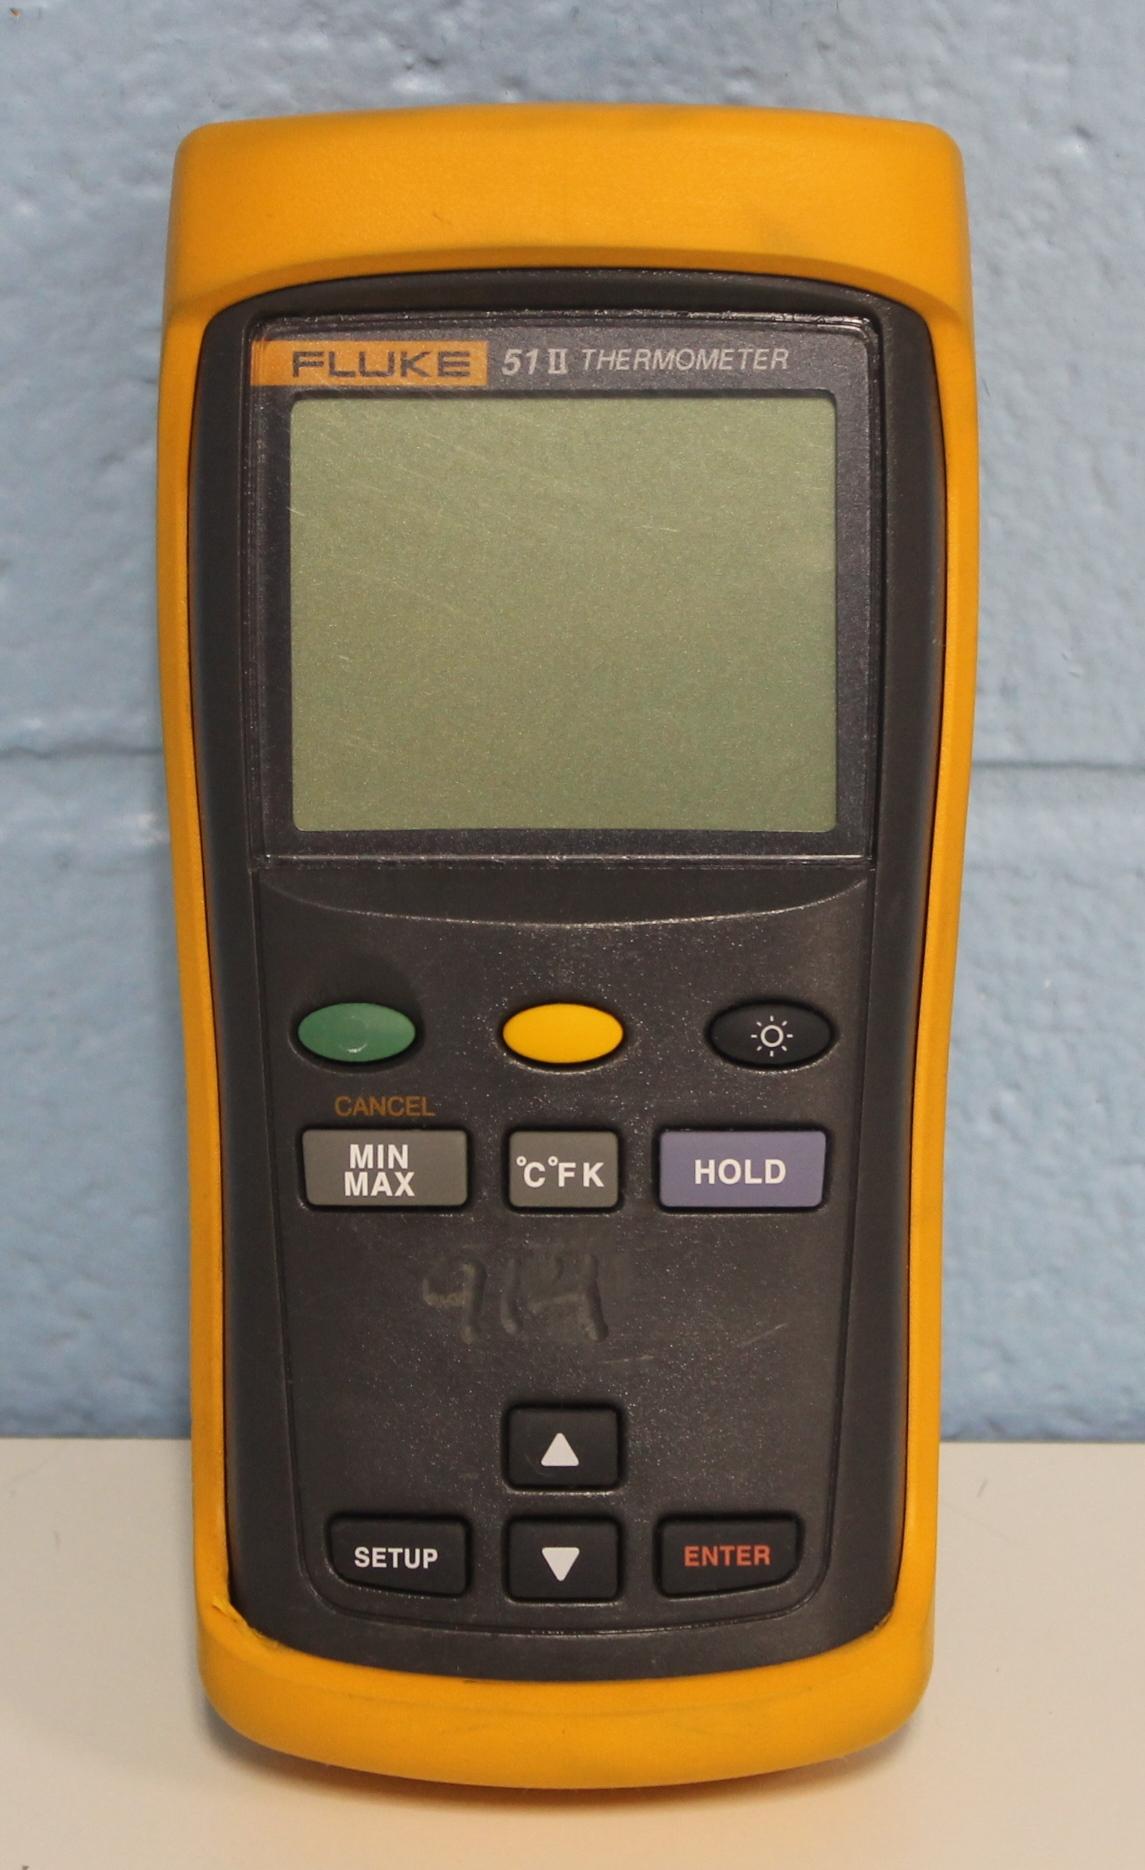 Fluke 51 Series II Single Input Digital Thermometer Image